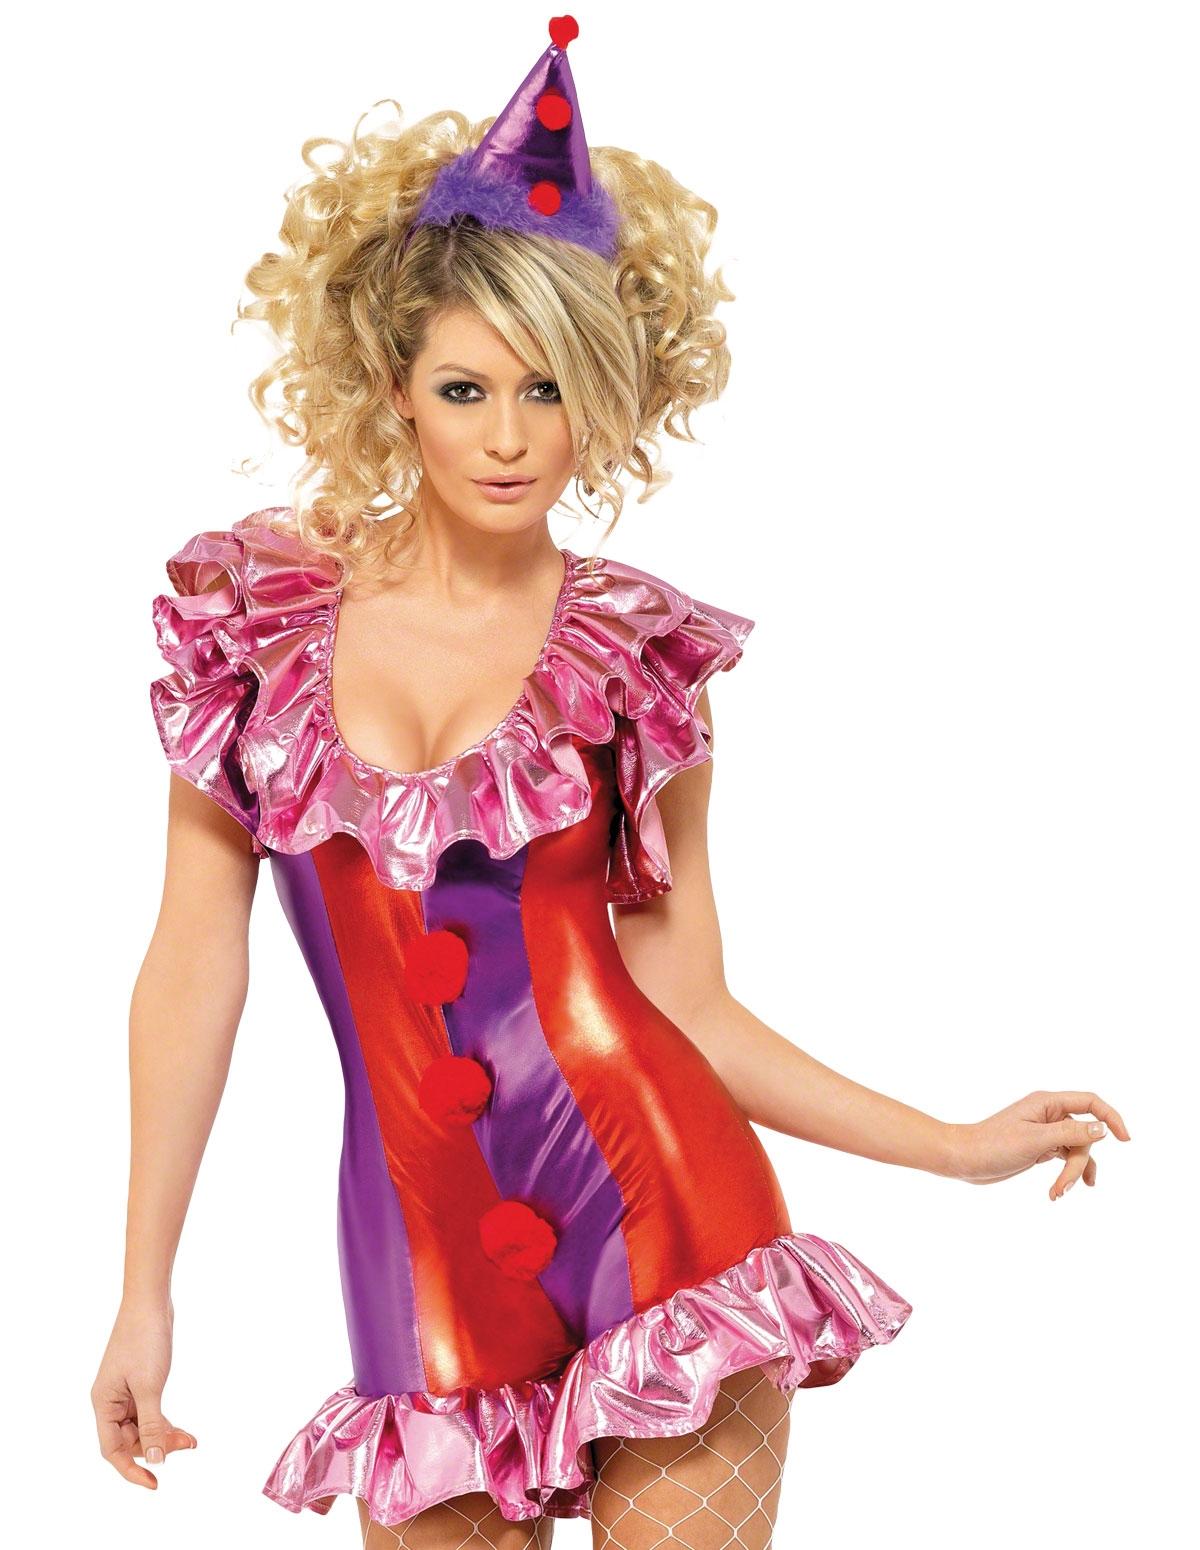 Playtime Clown Costume